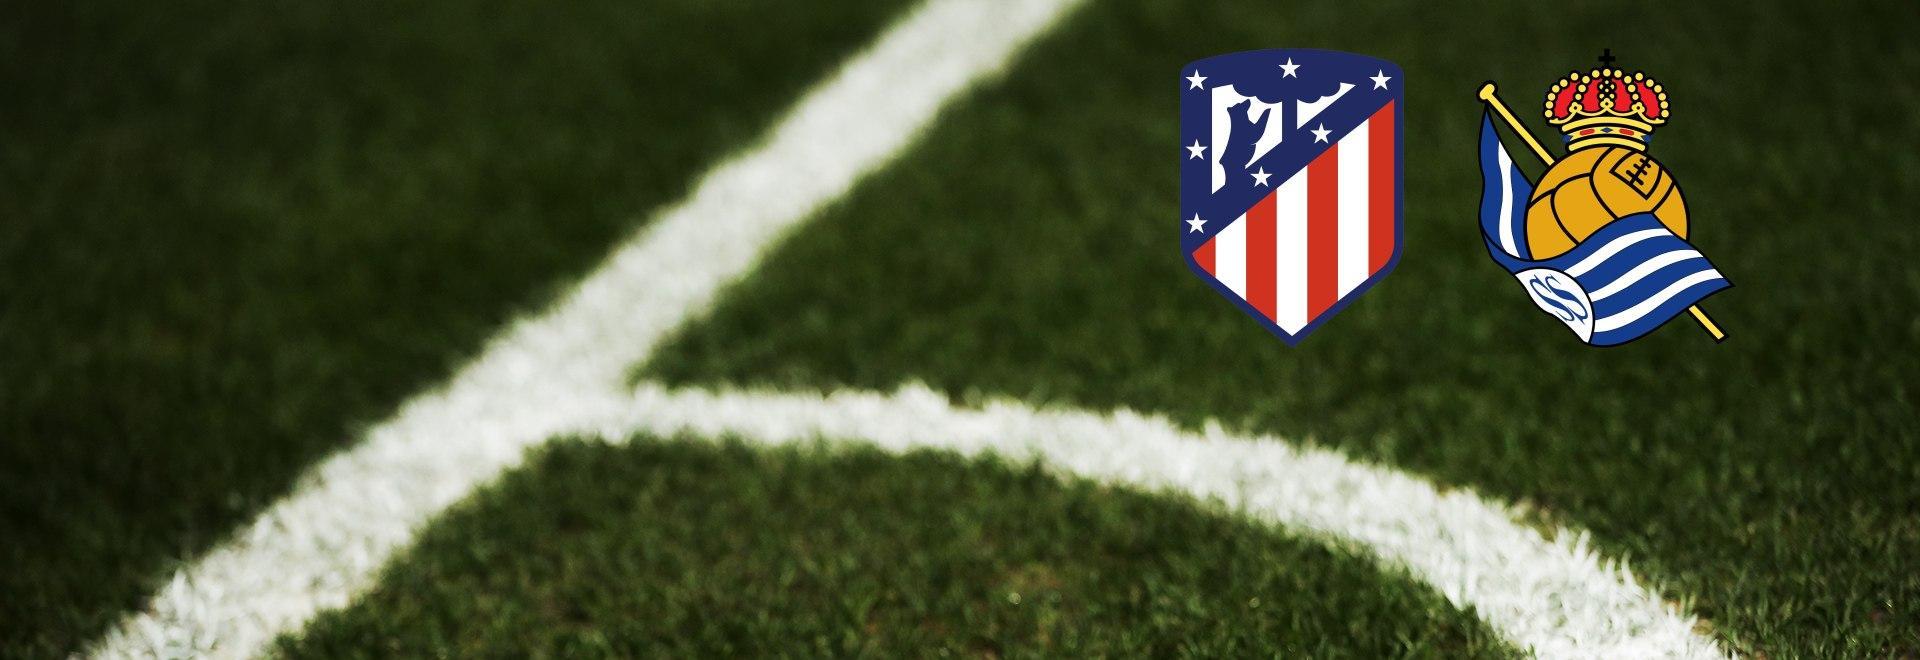 Atletico M. - Real Sociedad. 38a g.